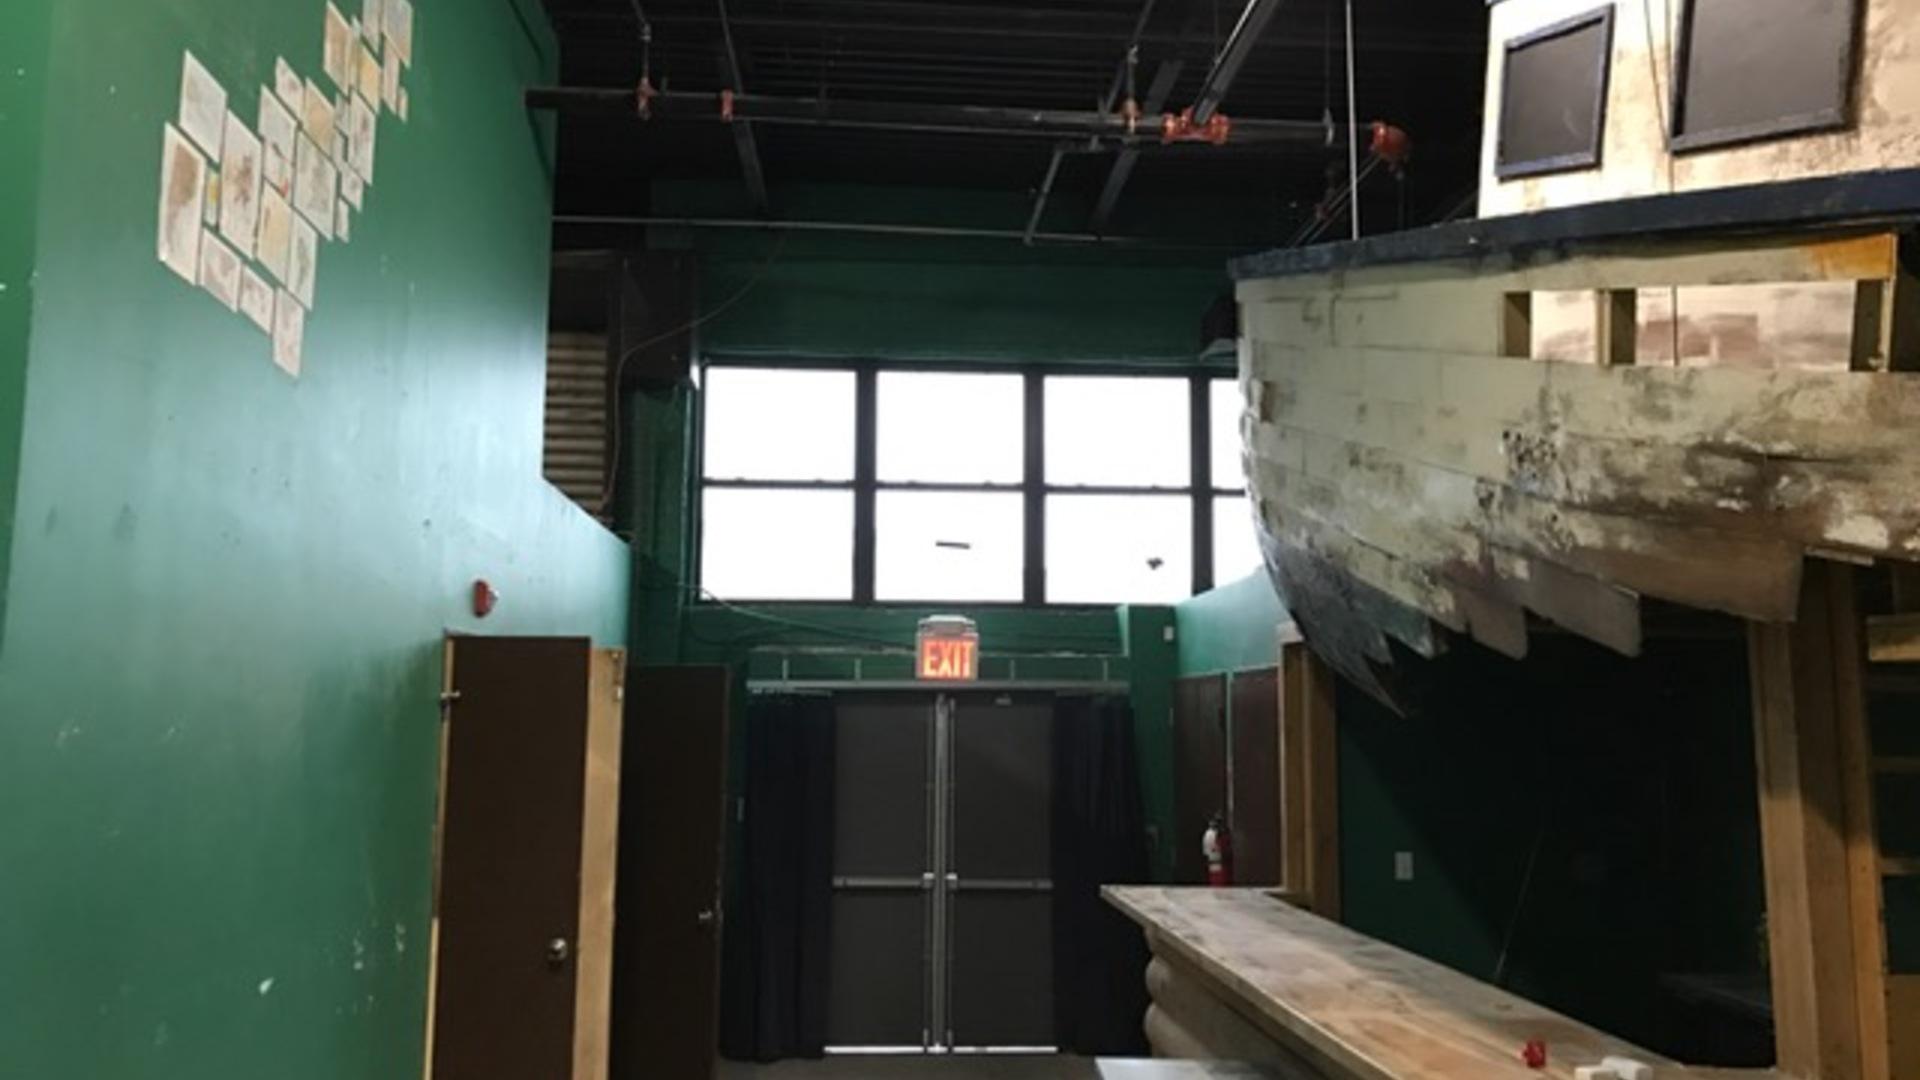 A $20,000 commercial property in Bushwick, Brooklyn